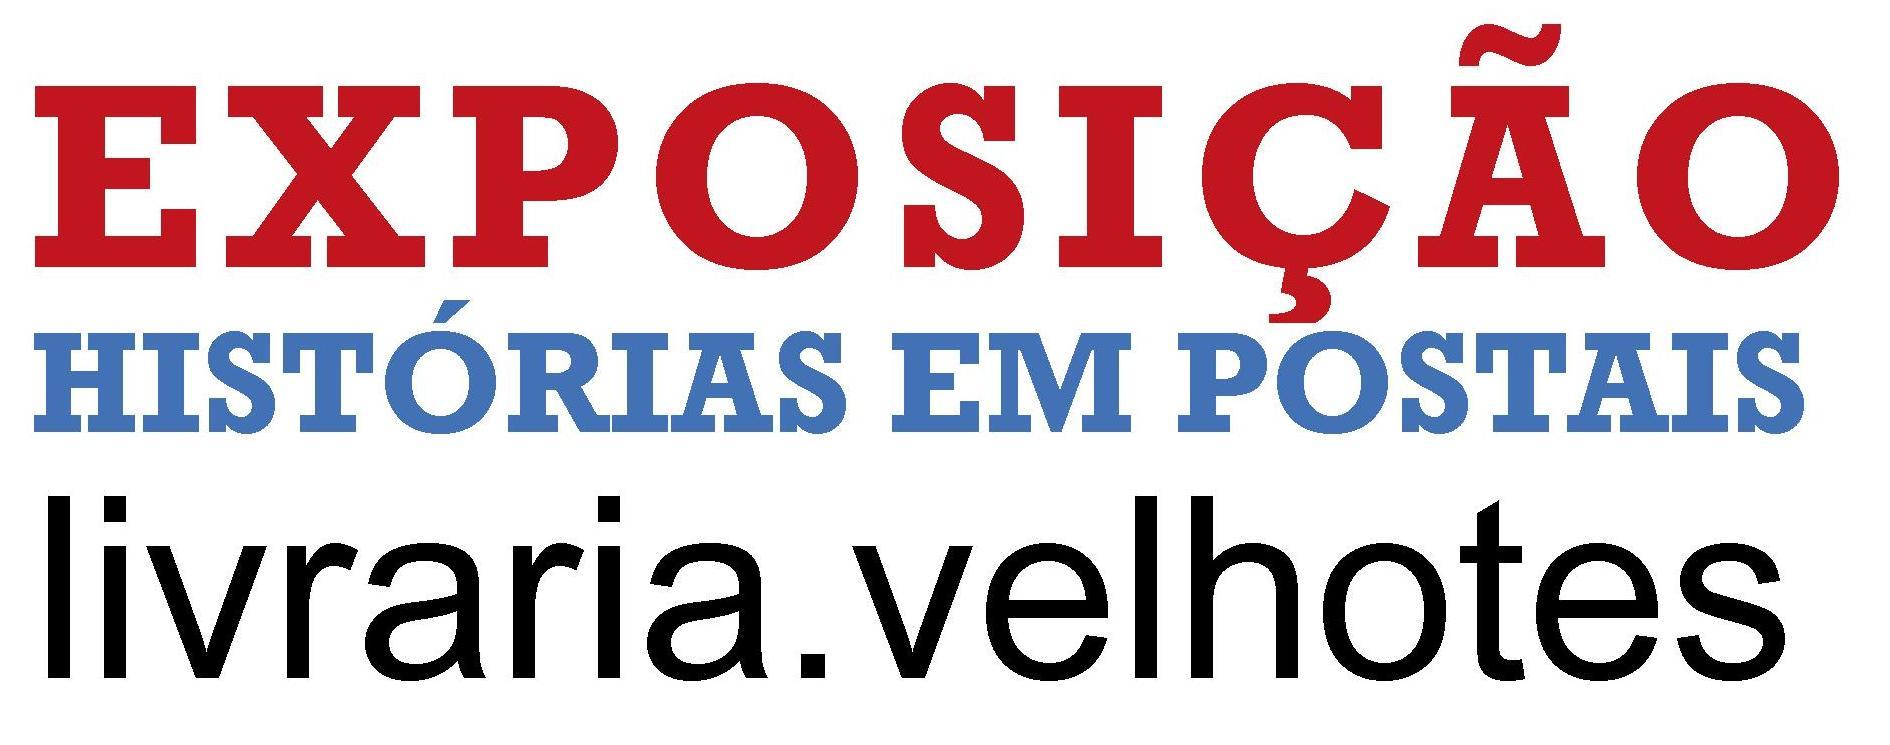 LINK EXPOSIÇÃO HISTÓRIAS EM POSTAIS_VELHOTES_CP